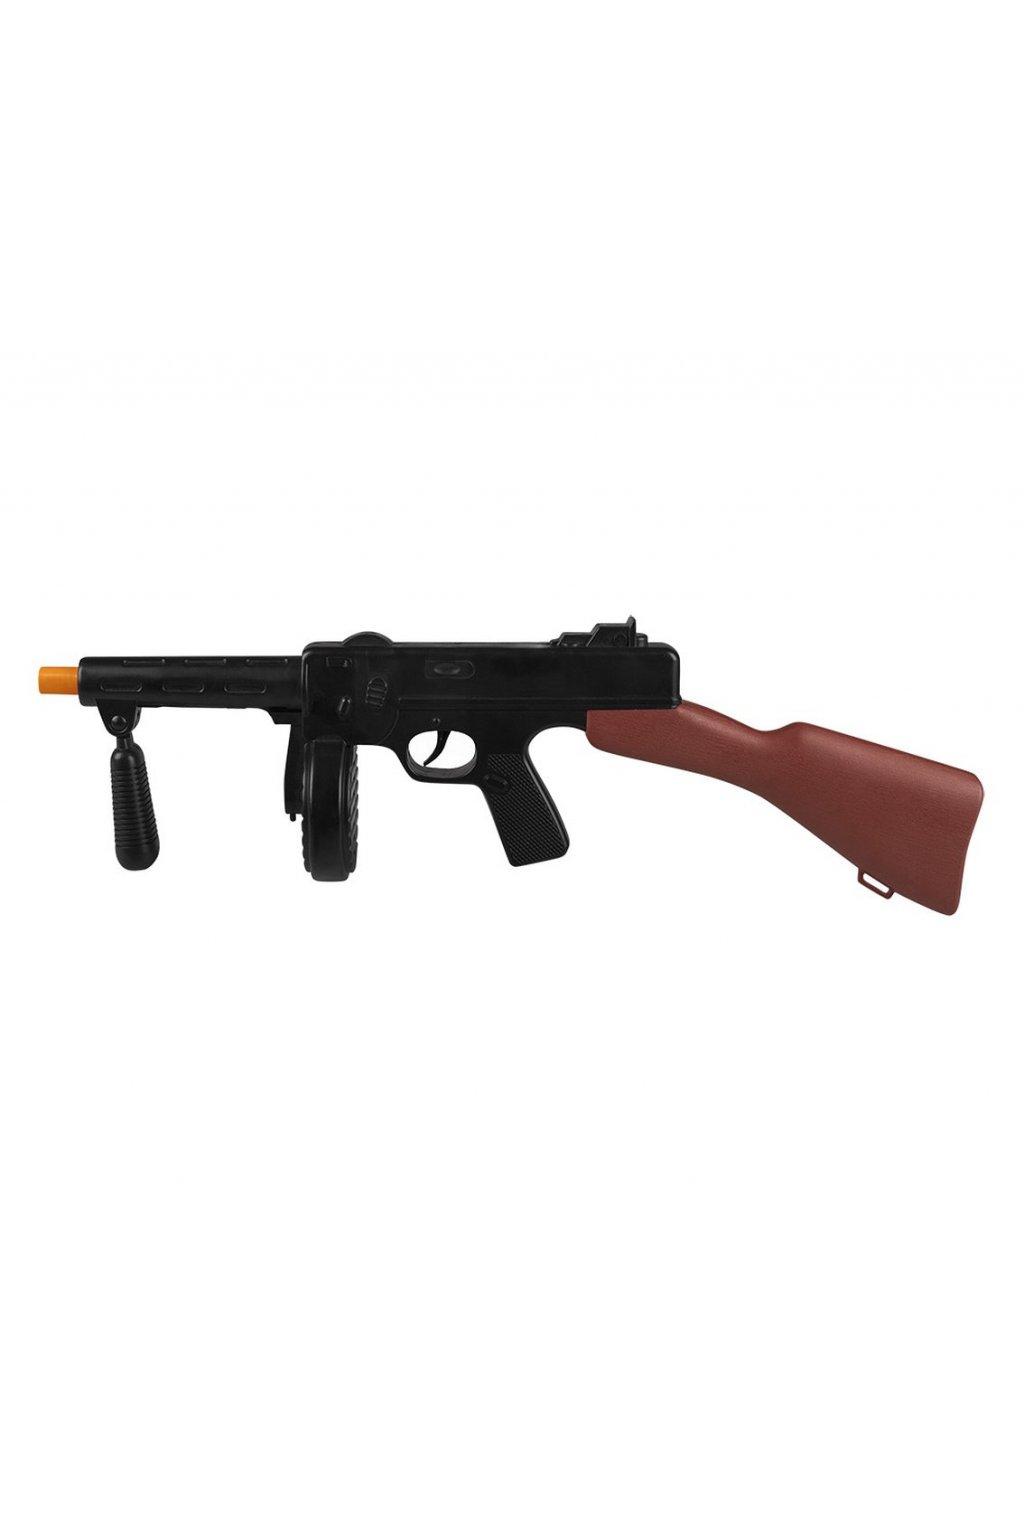 machine gun mafia artificial 49 cm